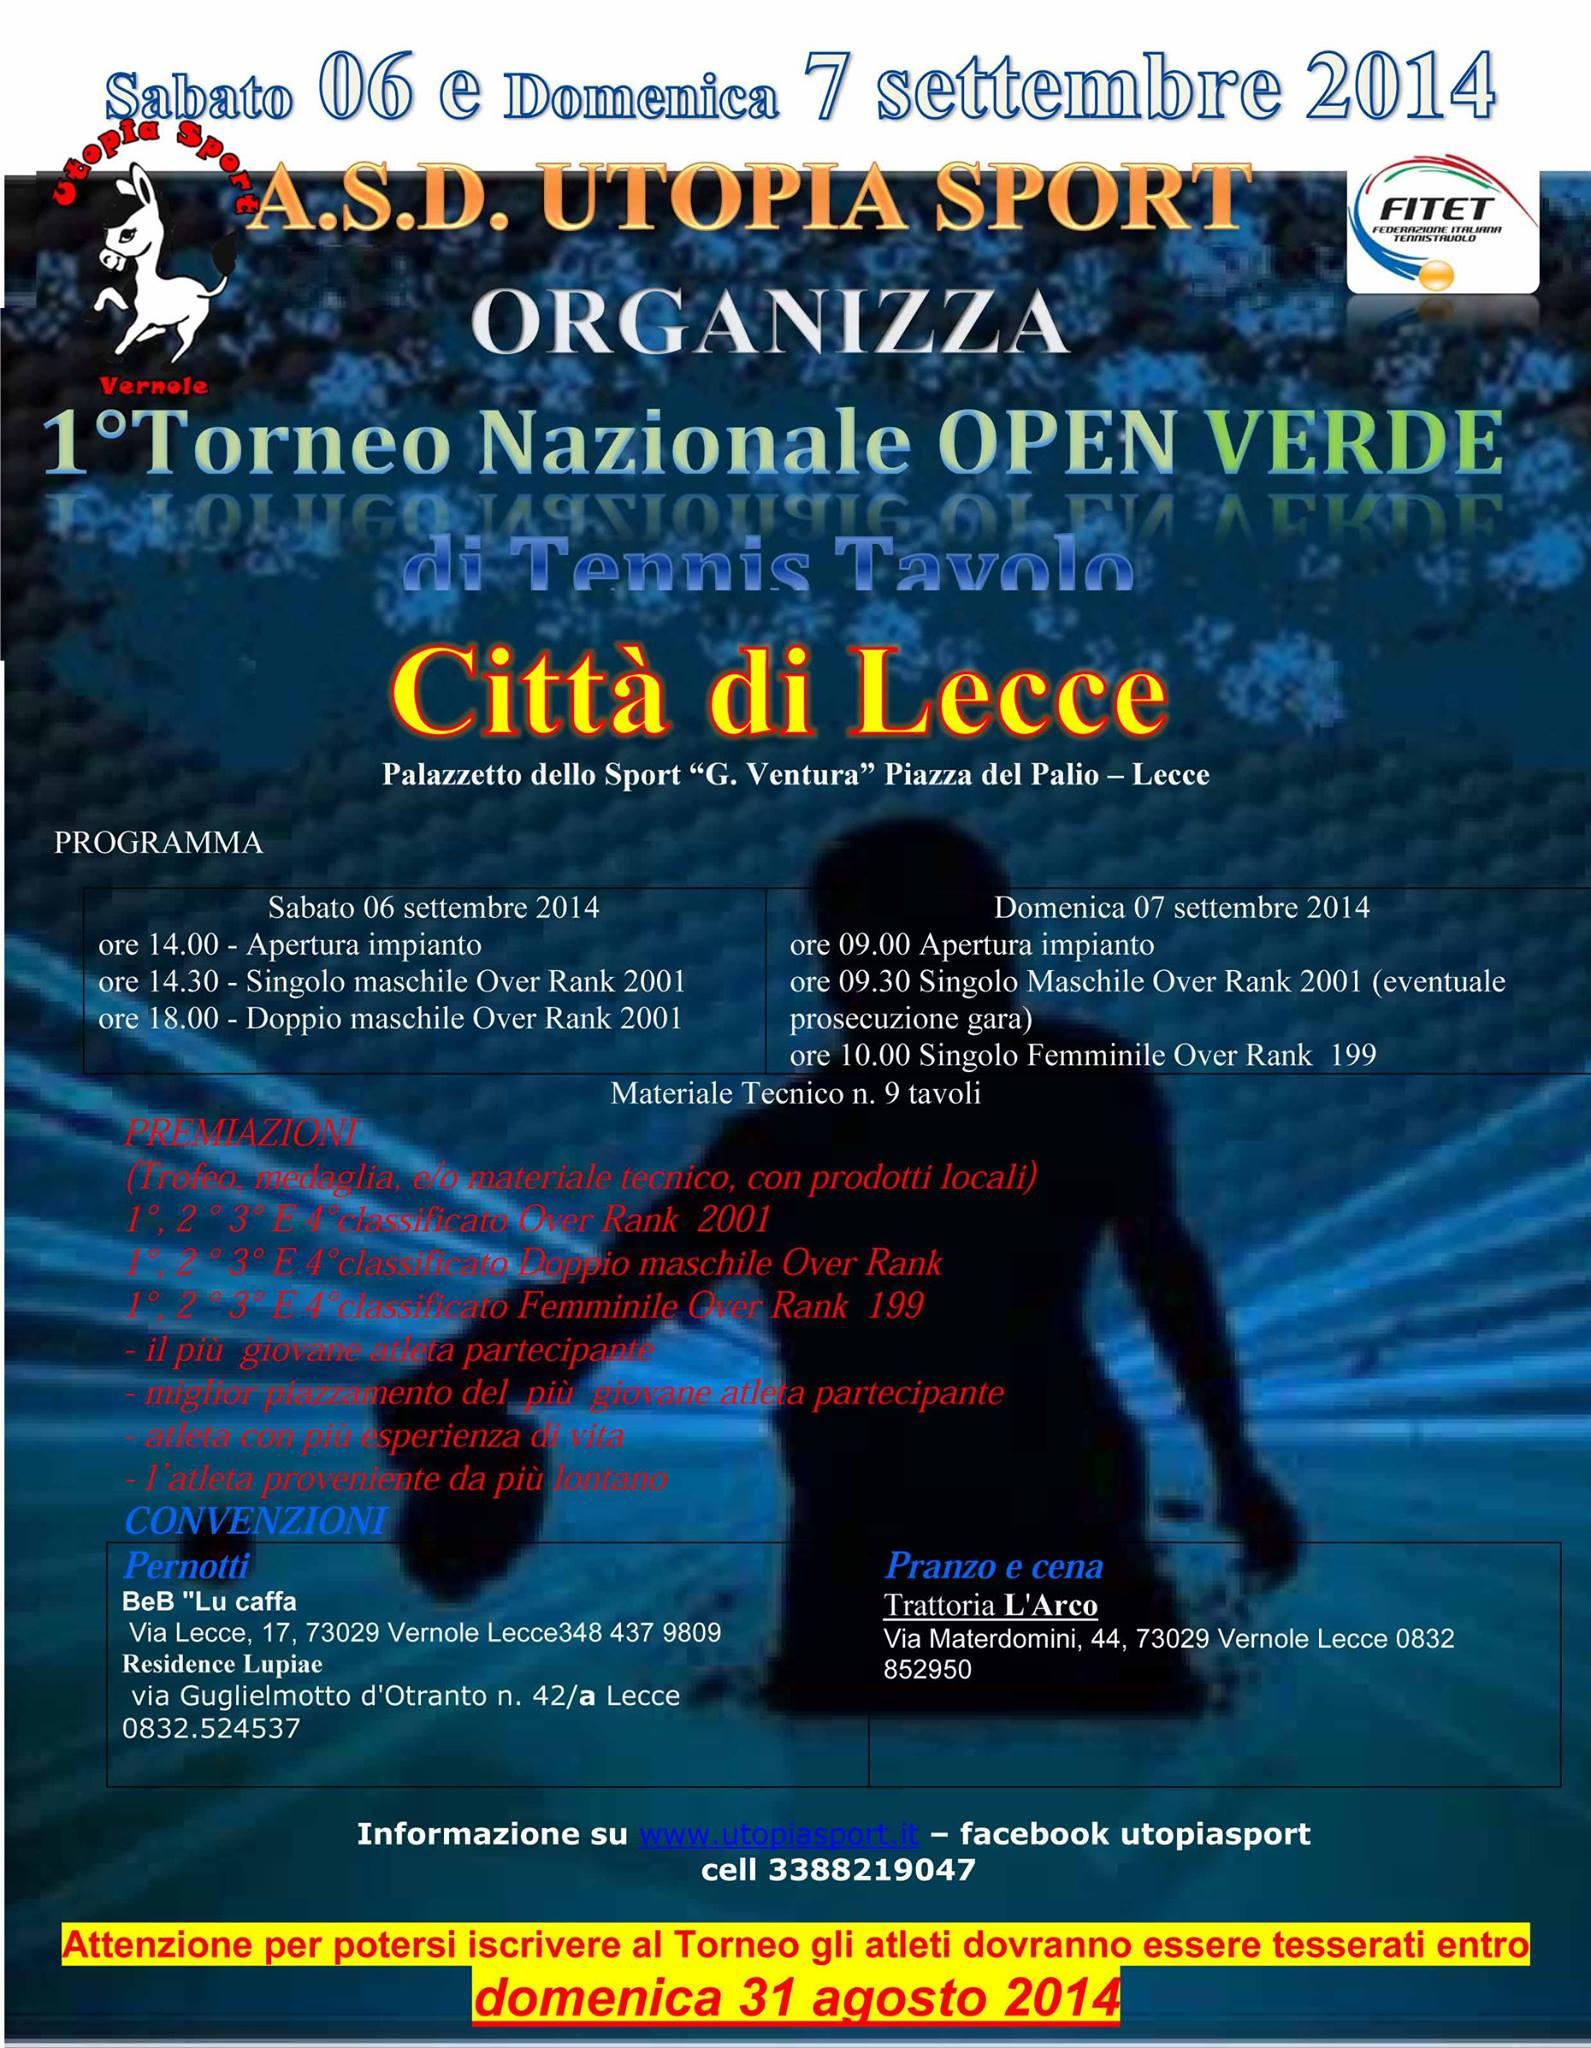 1 Torneo Nazionale Open Verde